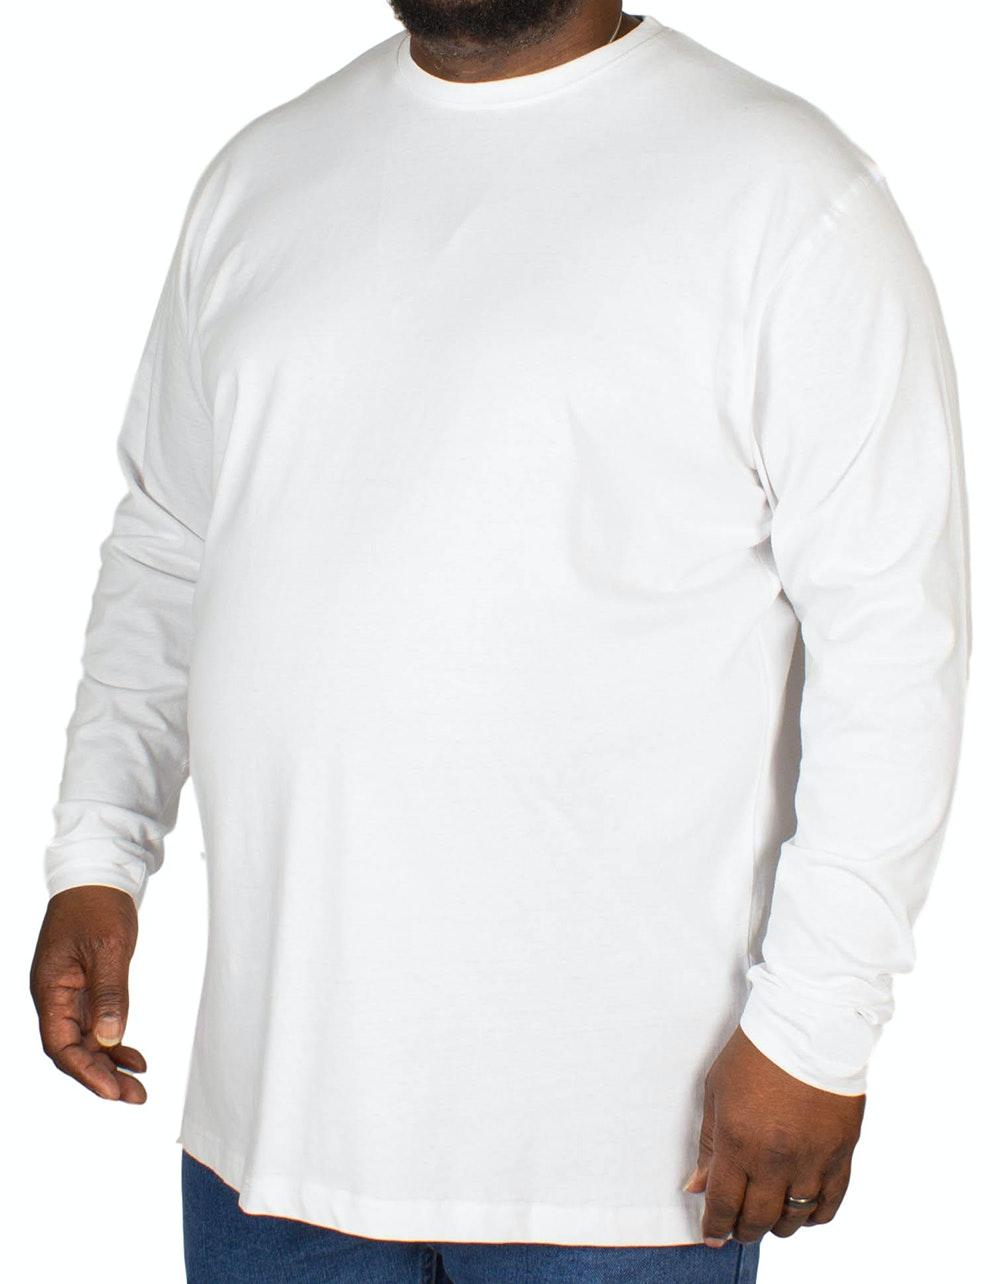 Espionage Plain Long Sleeve T-shirt White